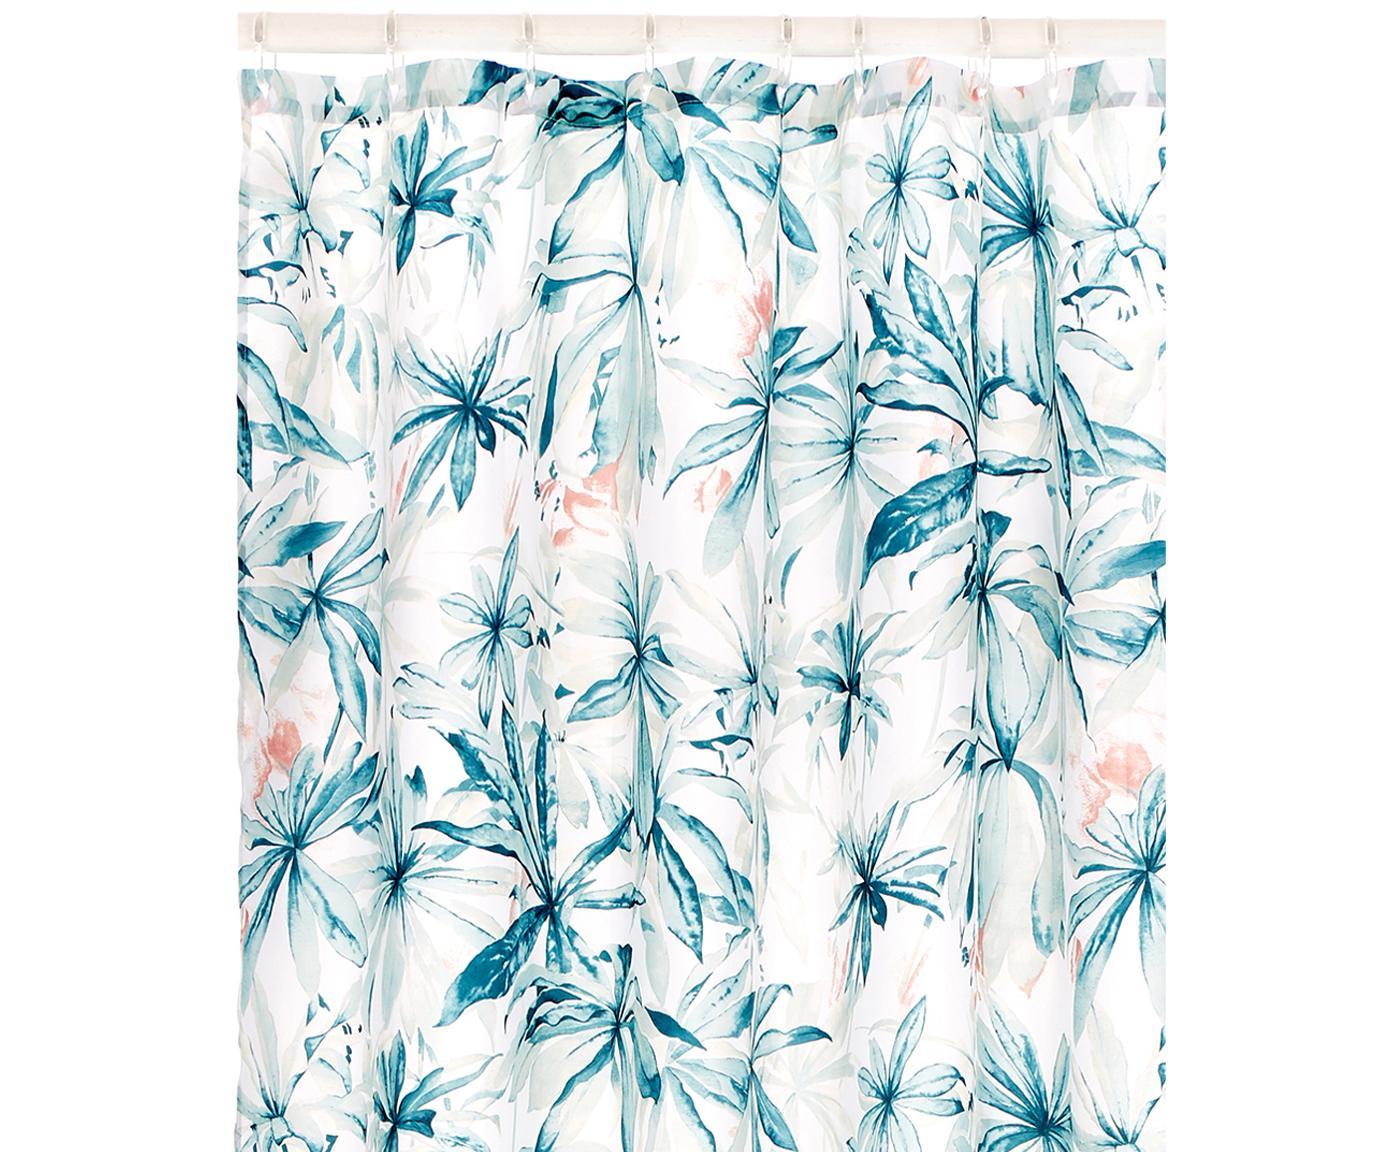 Cortina de baño Foglia, 100%poliéster Repelente al agua, no impermeable, Blanco, multicolor, An 180 x L 200